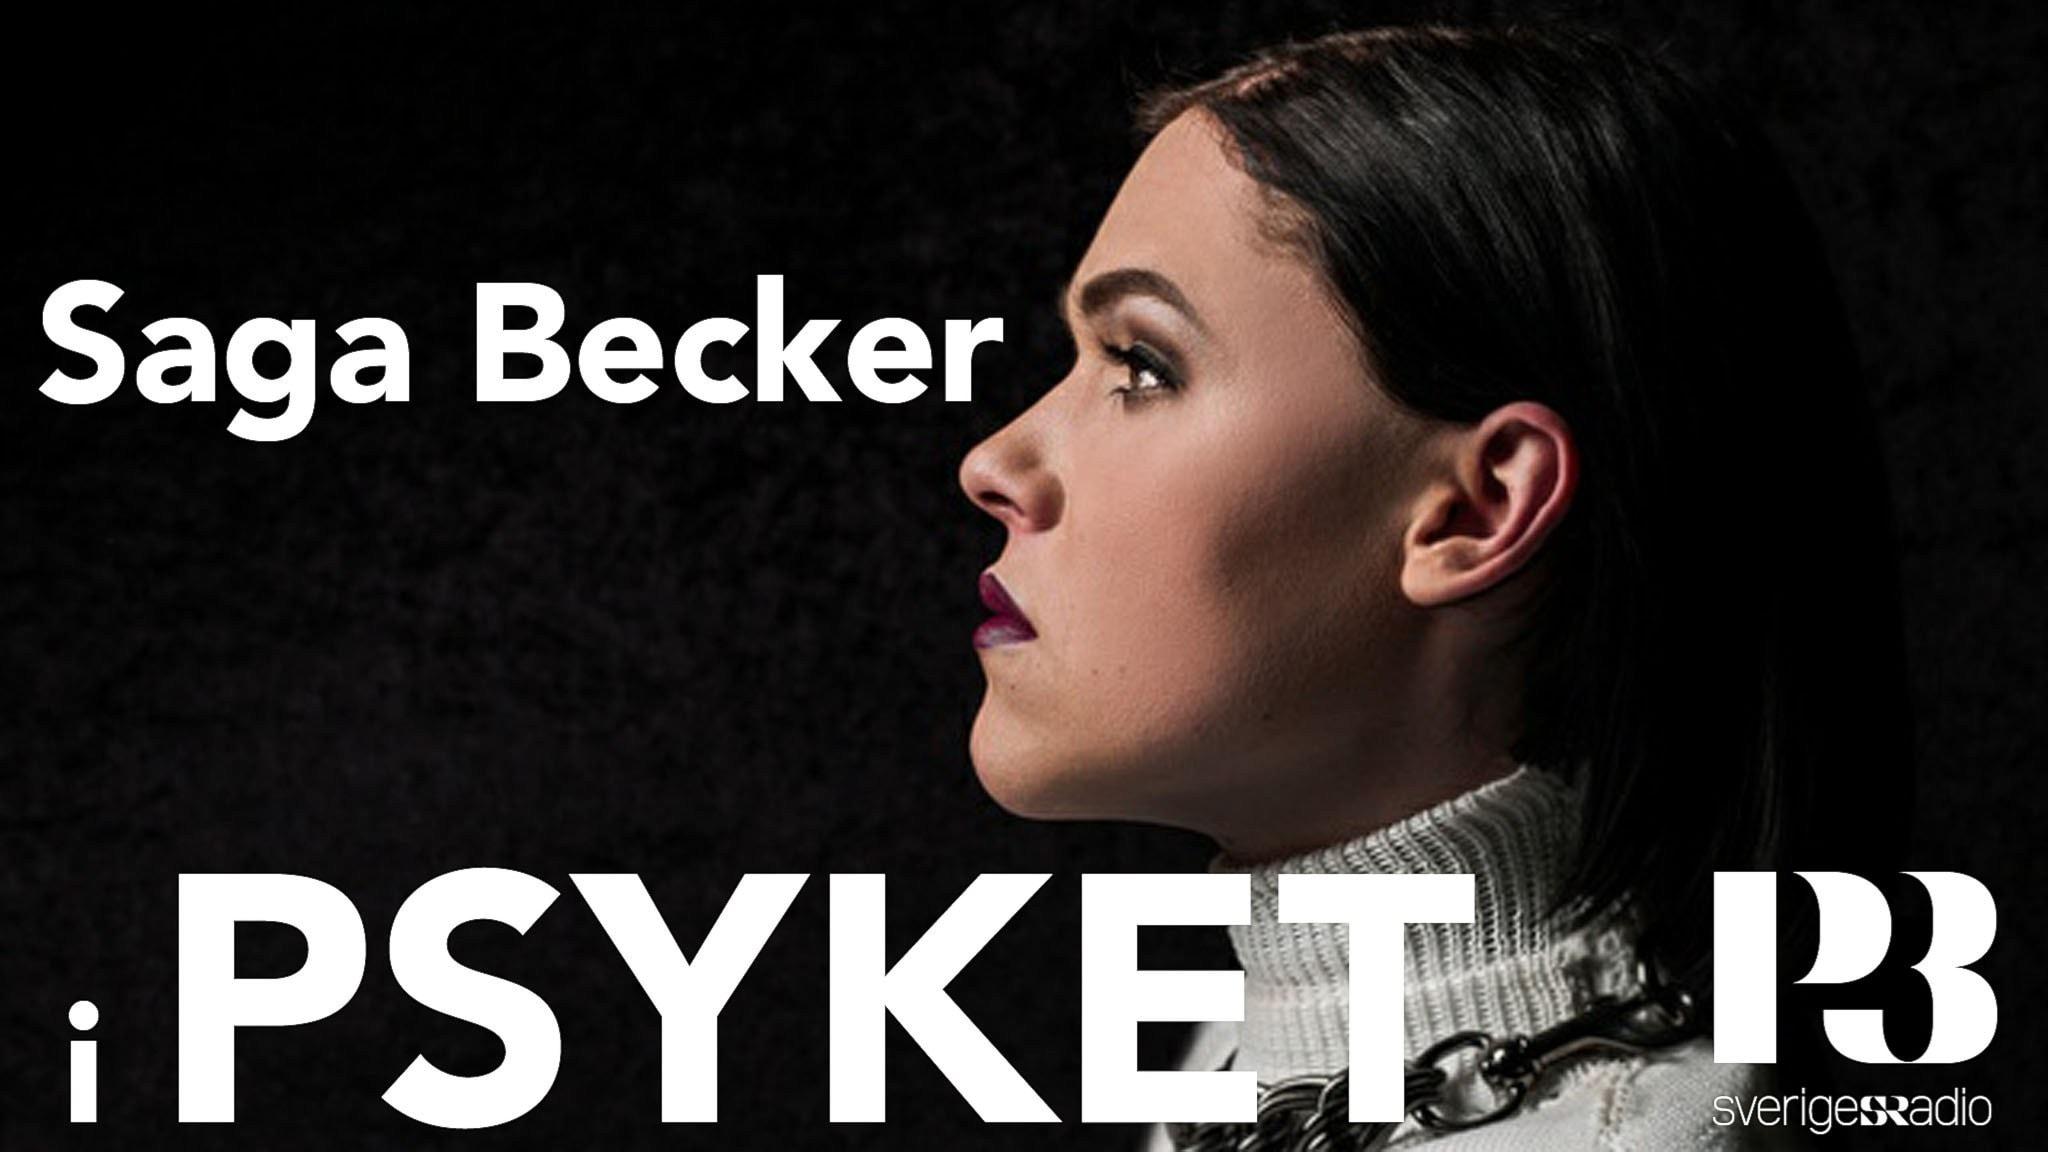 Saga Becker: Jag ville inte dö, men jag visste inte hur jag skulle leva